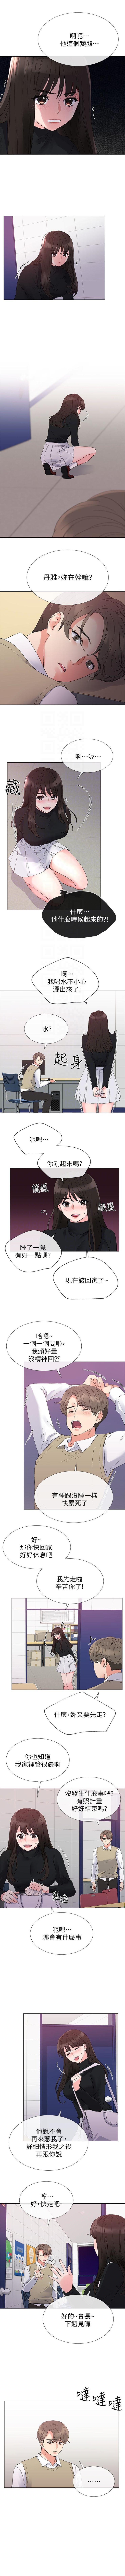 (週5)重考生 1-52 中文翻譯(更新中) 176